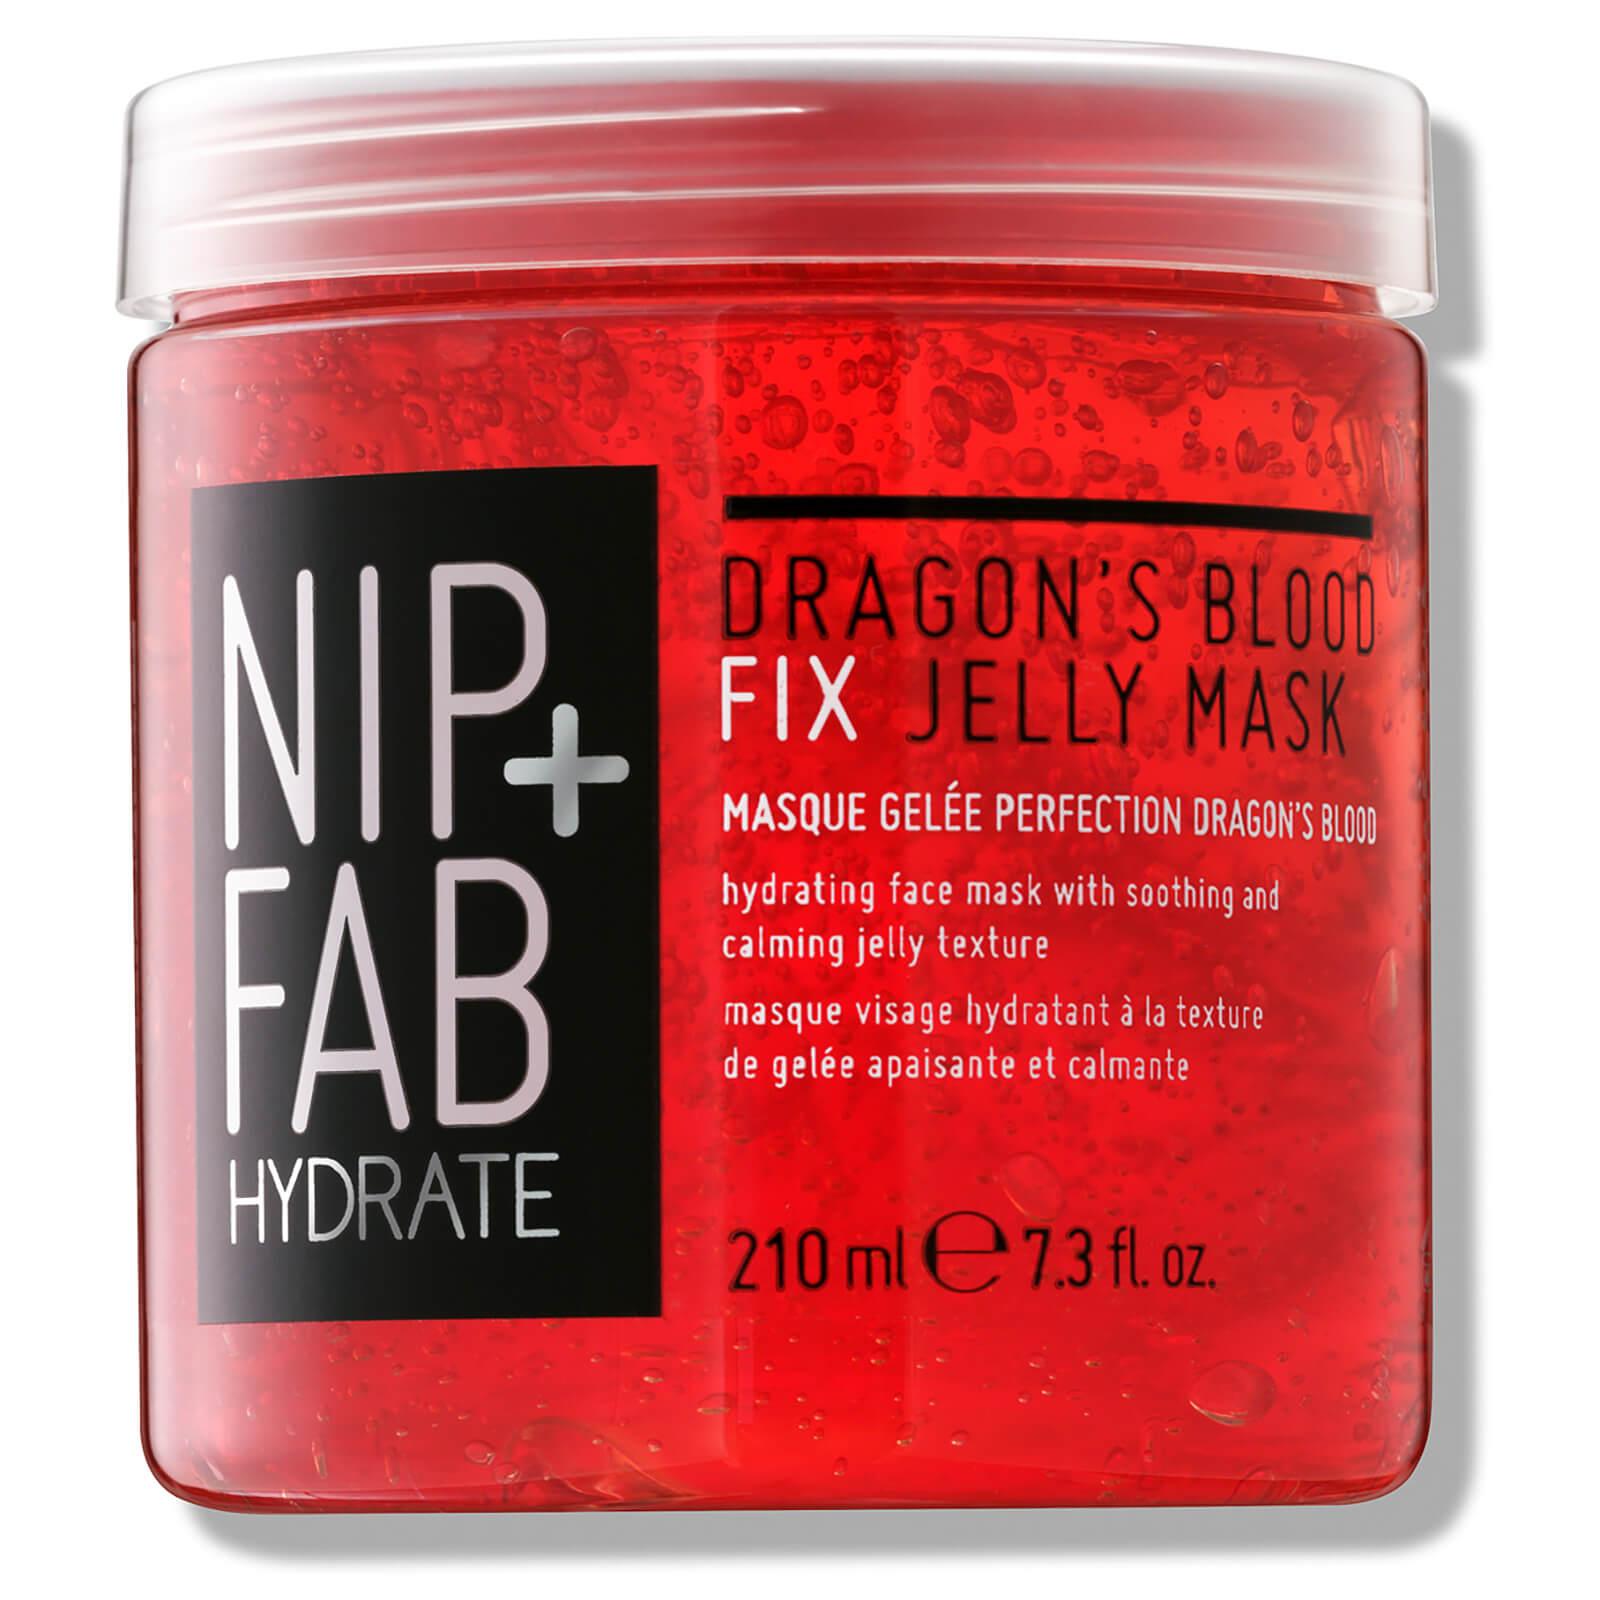 NIP+FAB Dragon's Blood Fix Jelly Mask